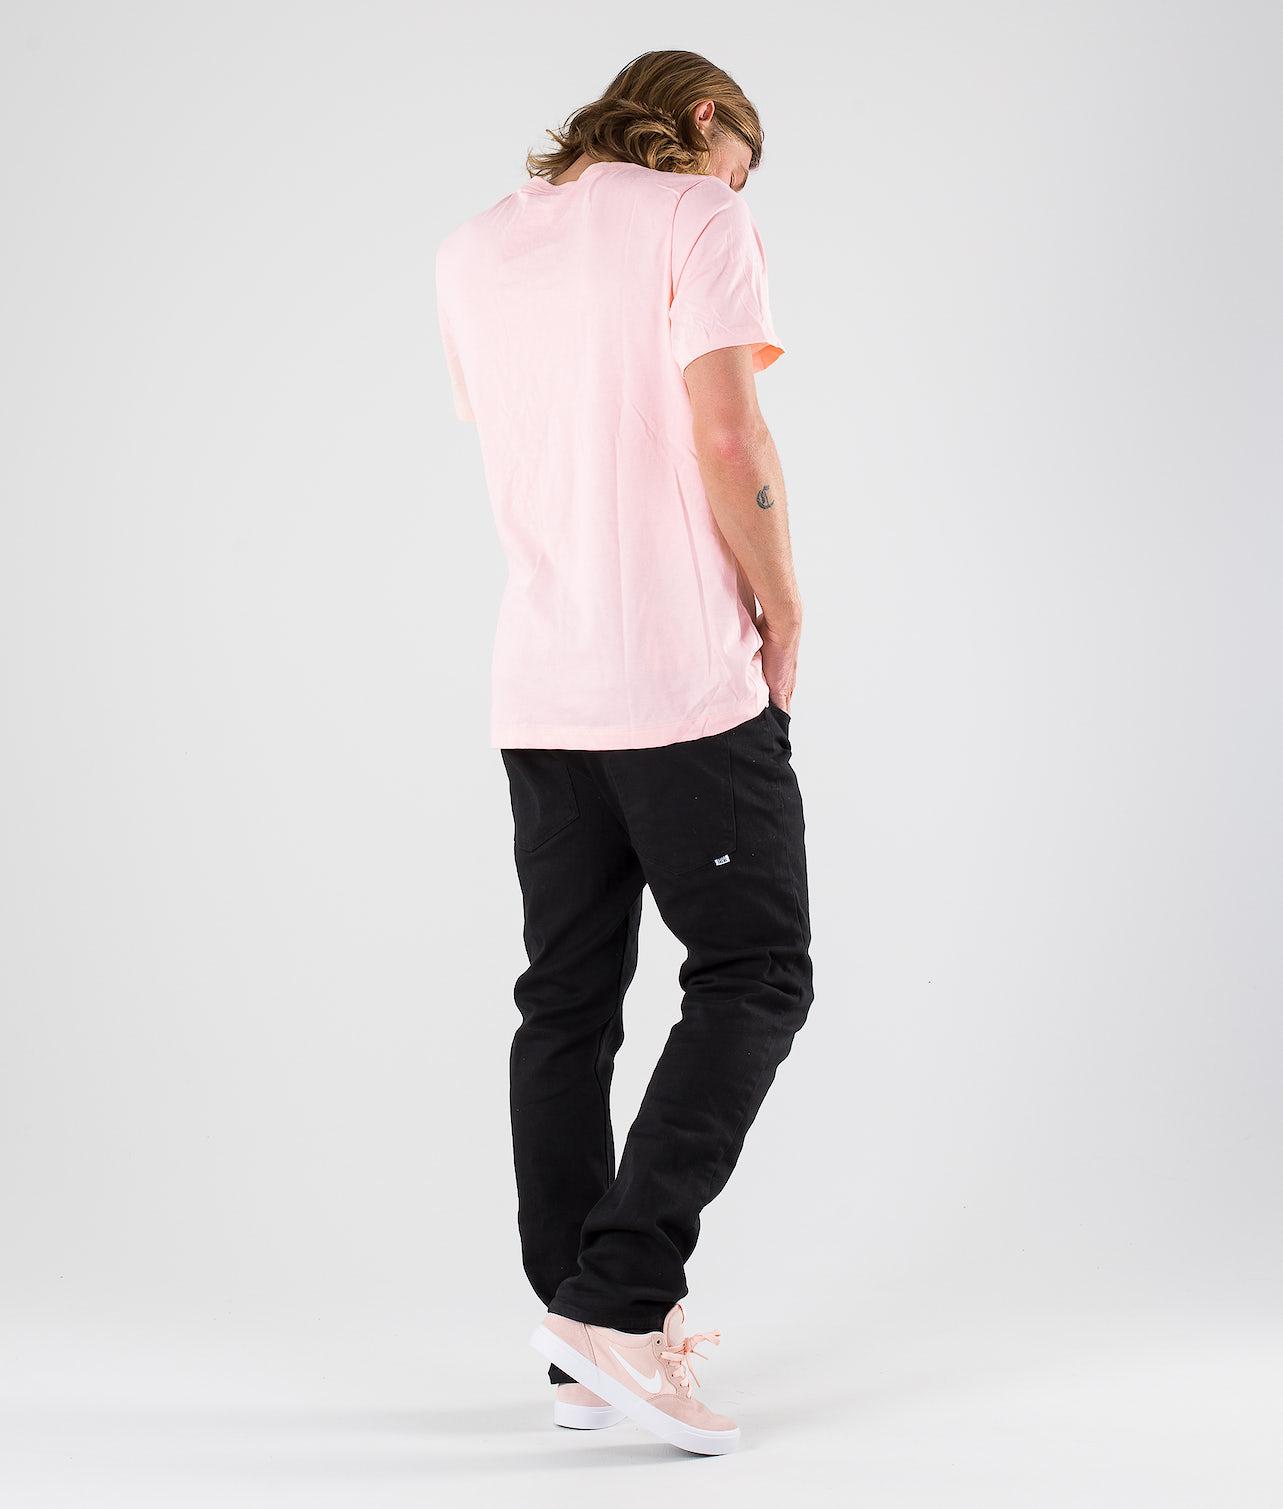 Kjøp SB Dry Tee Dfct Logo T-shirt fra Nike på Ridestore.no - Hos oss har du alltid fri frakt, fri retur og 30 dagers åpent kjøp!